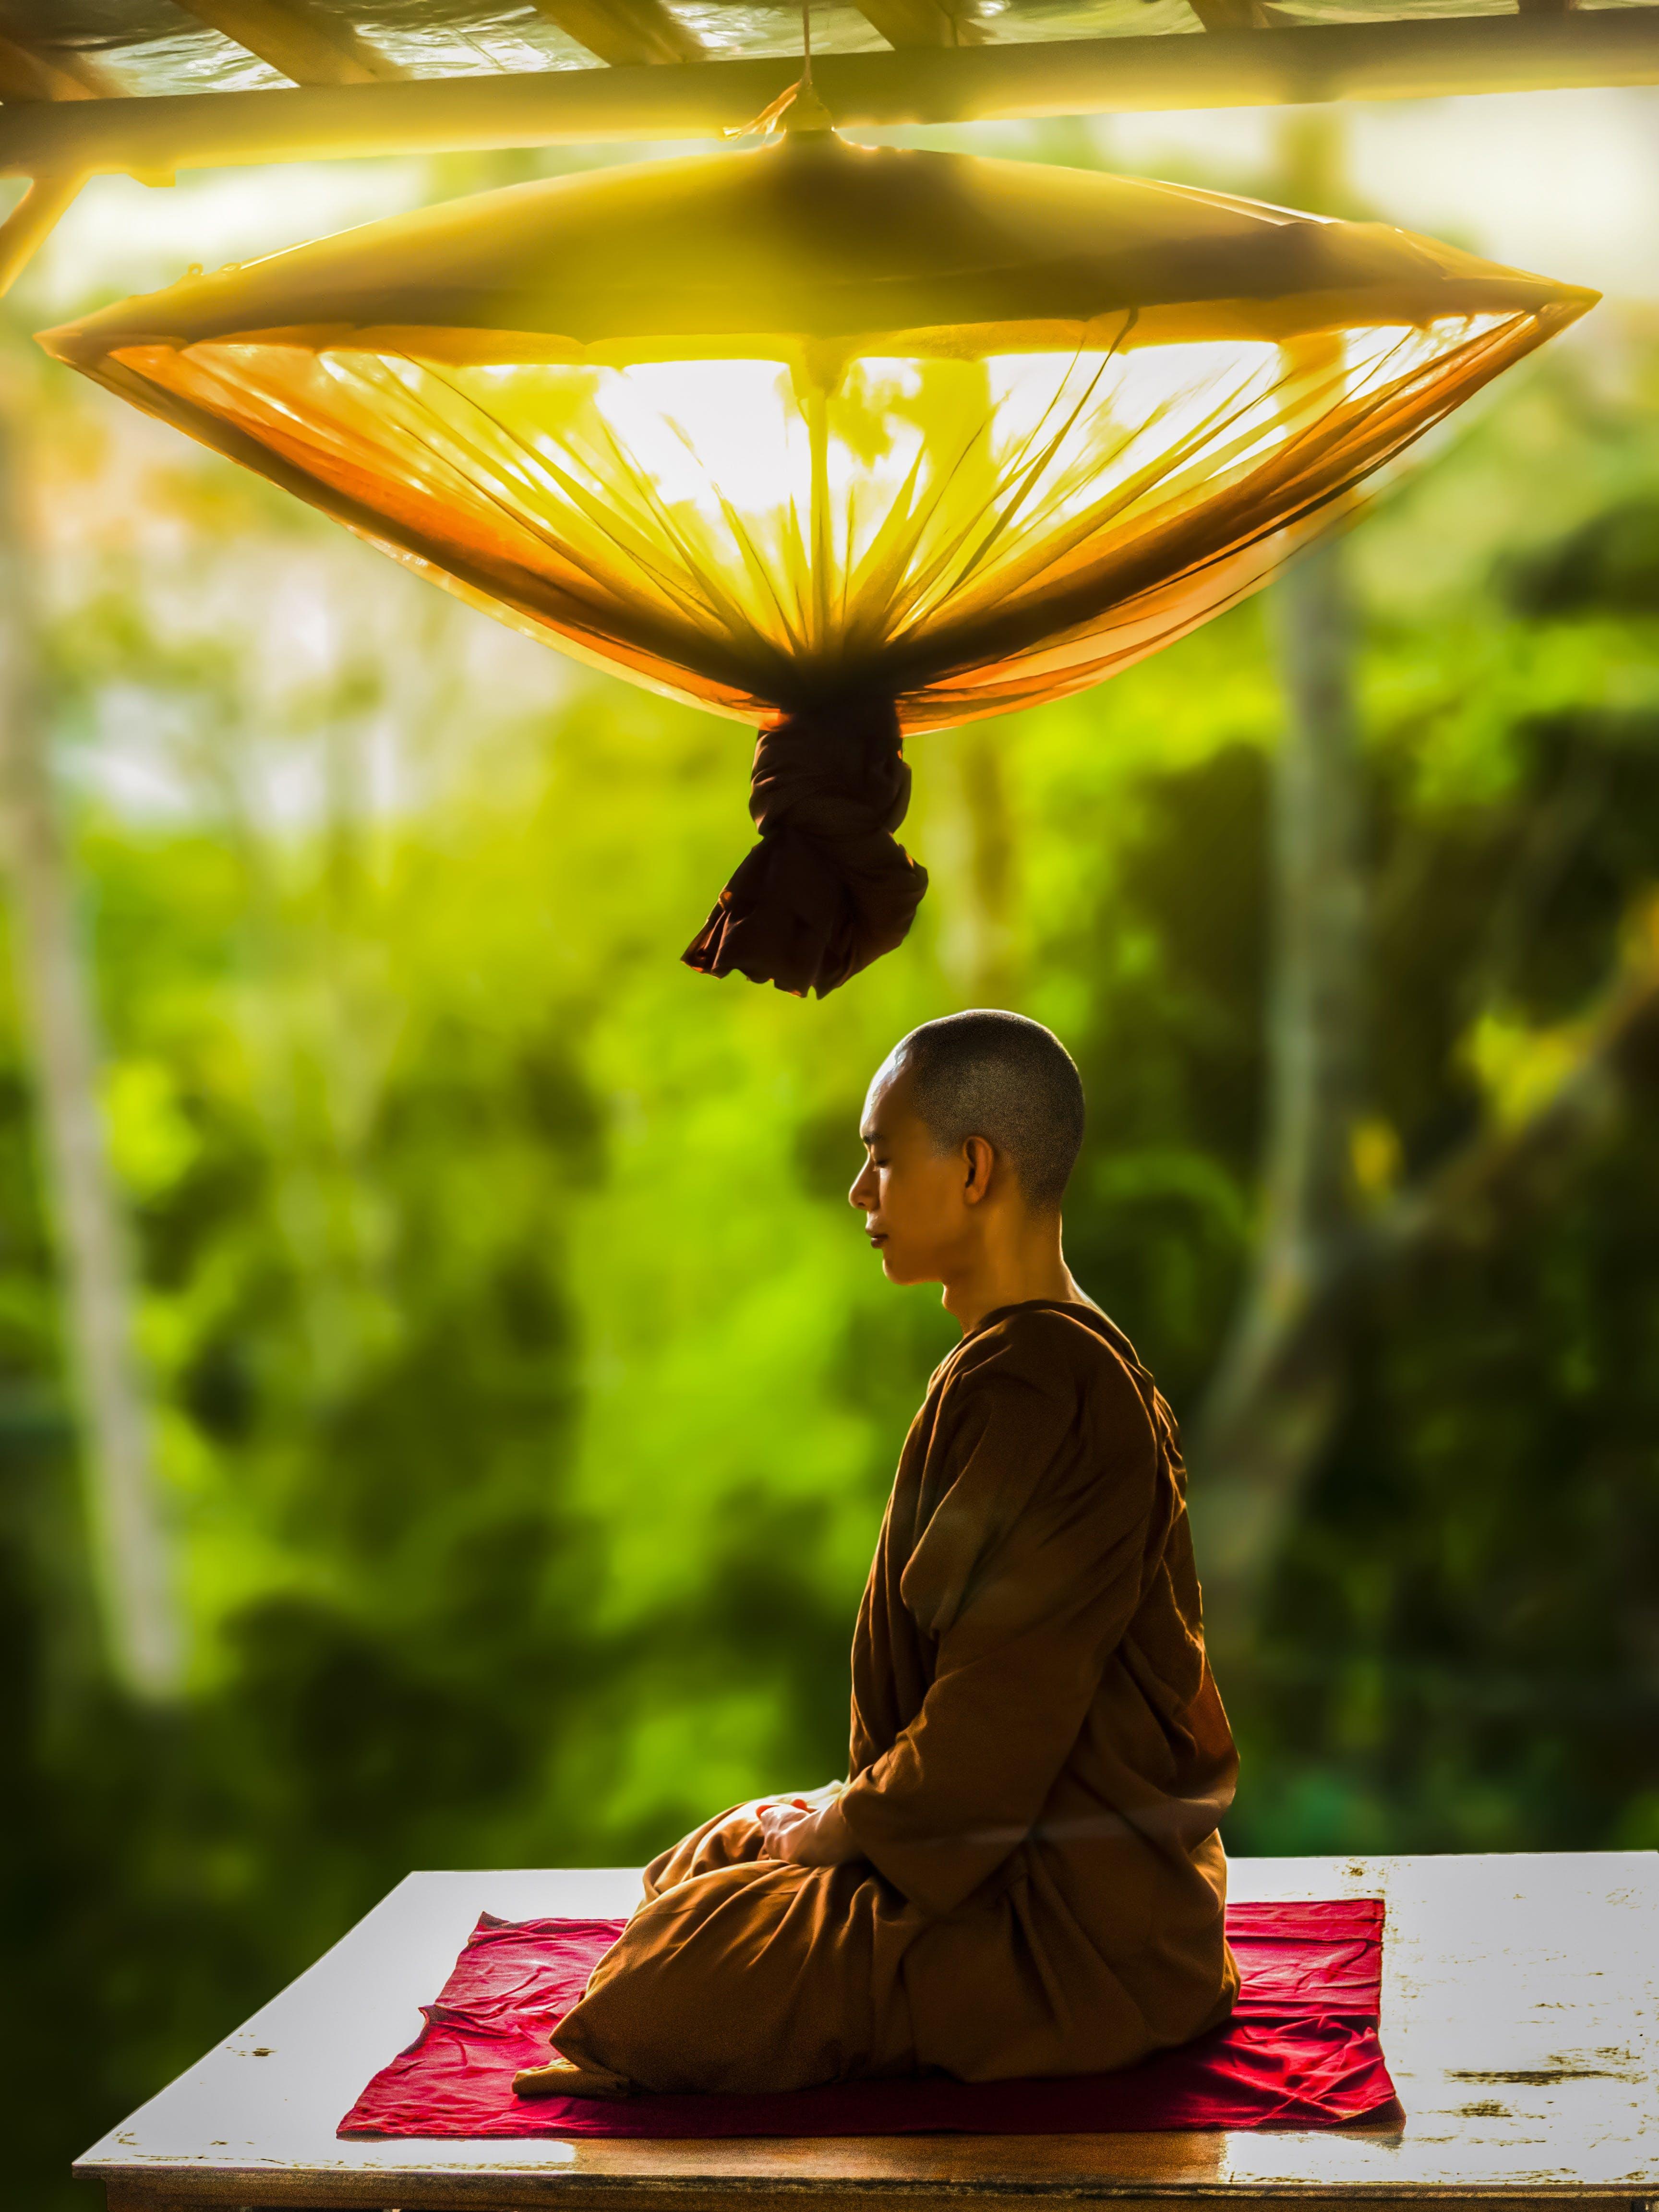 Gratis lagerfoto af afslapning, åndelig, asiatisk, Buddhisme